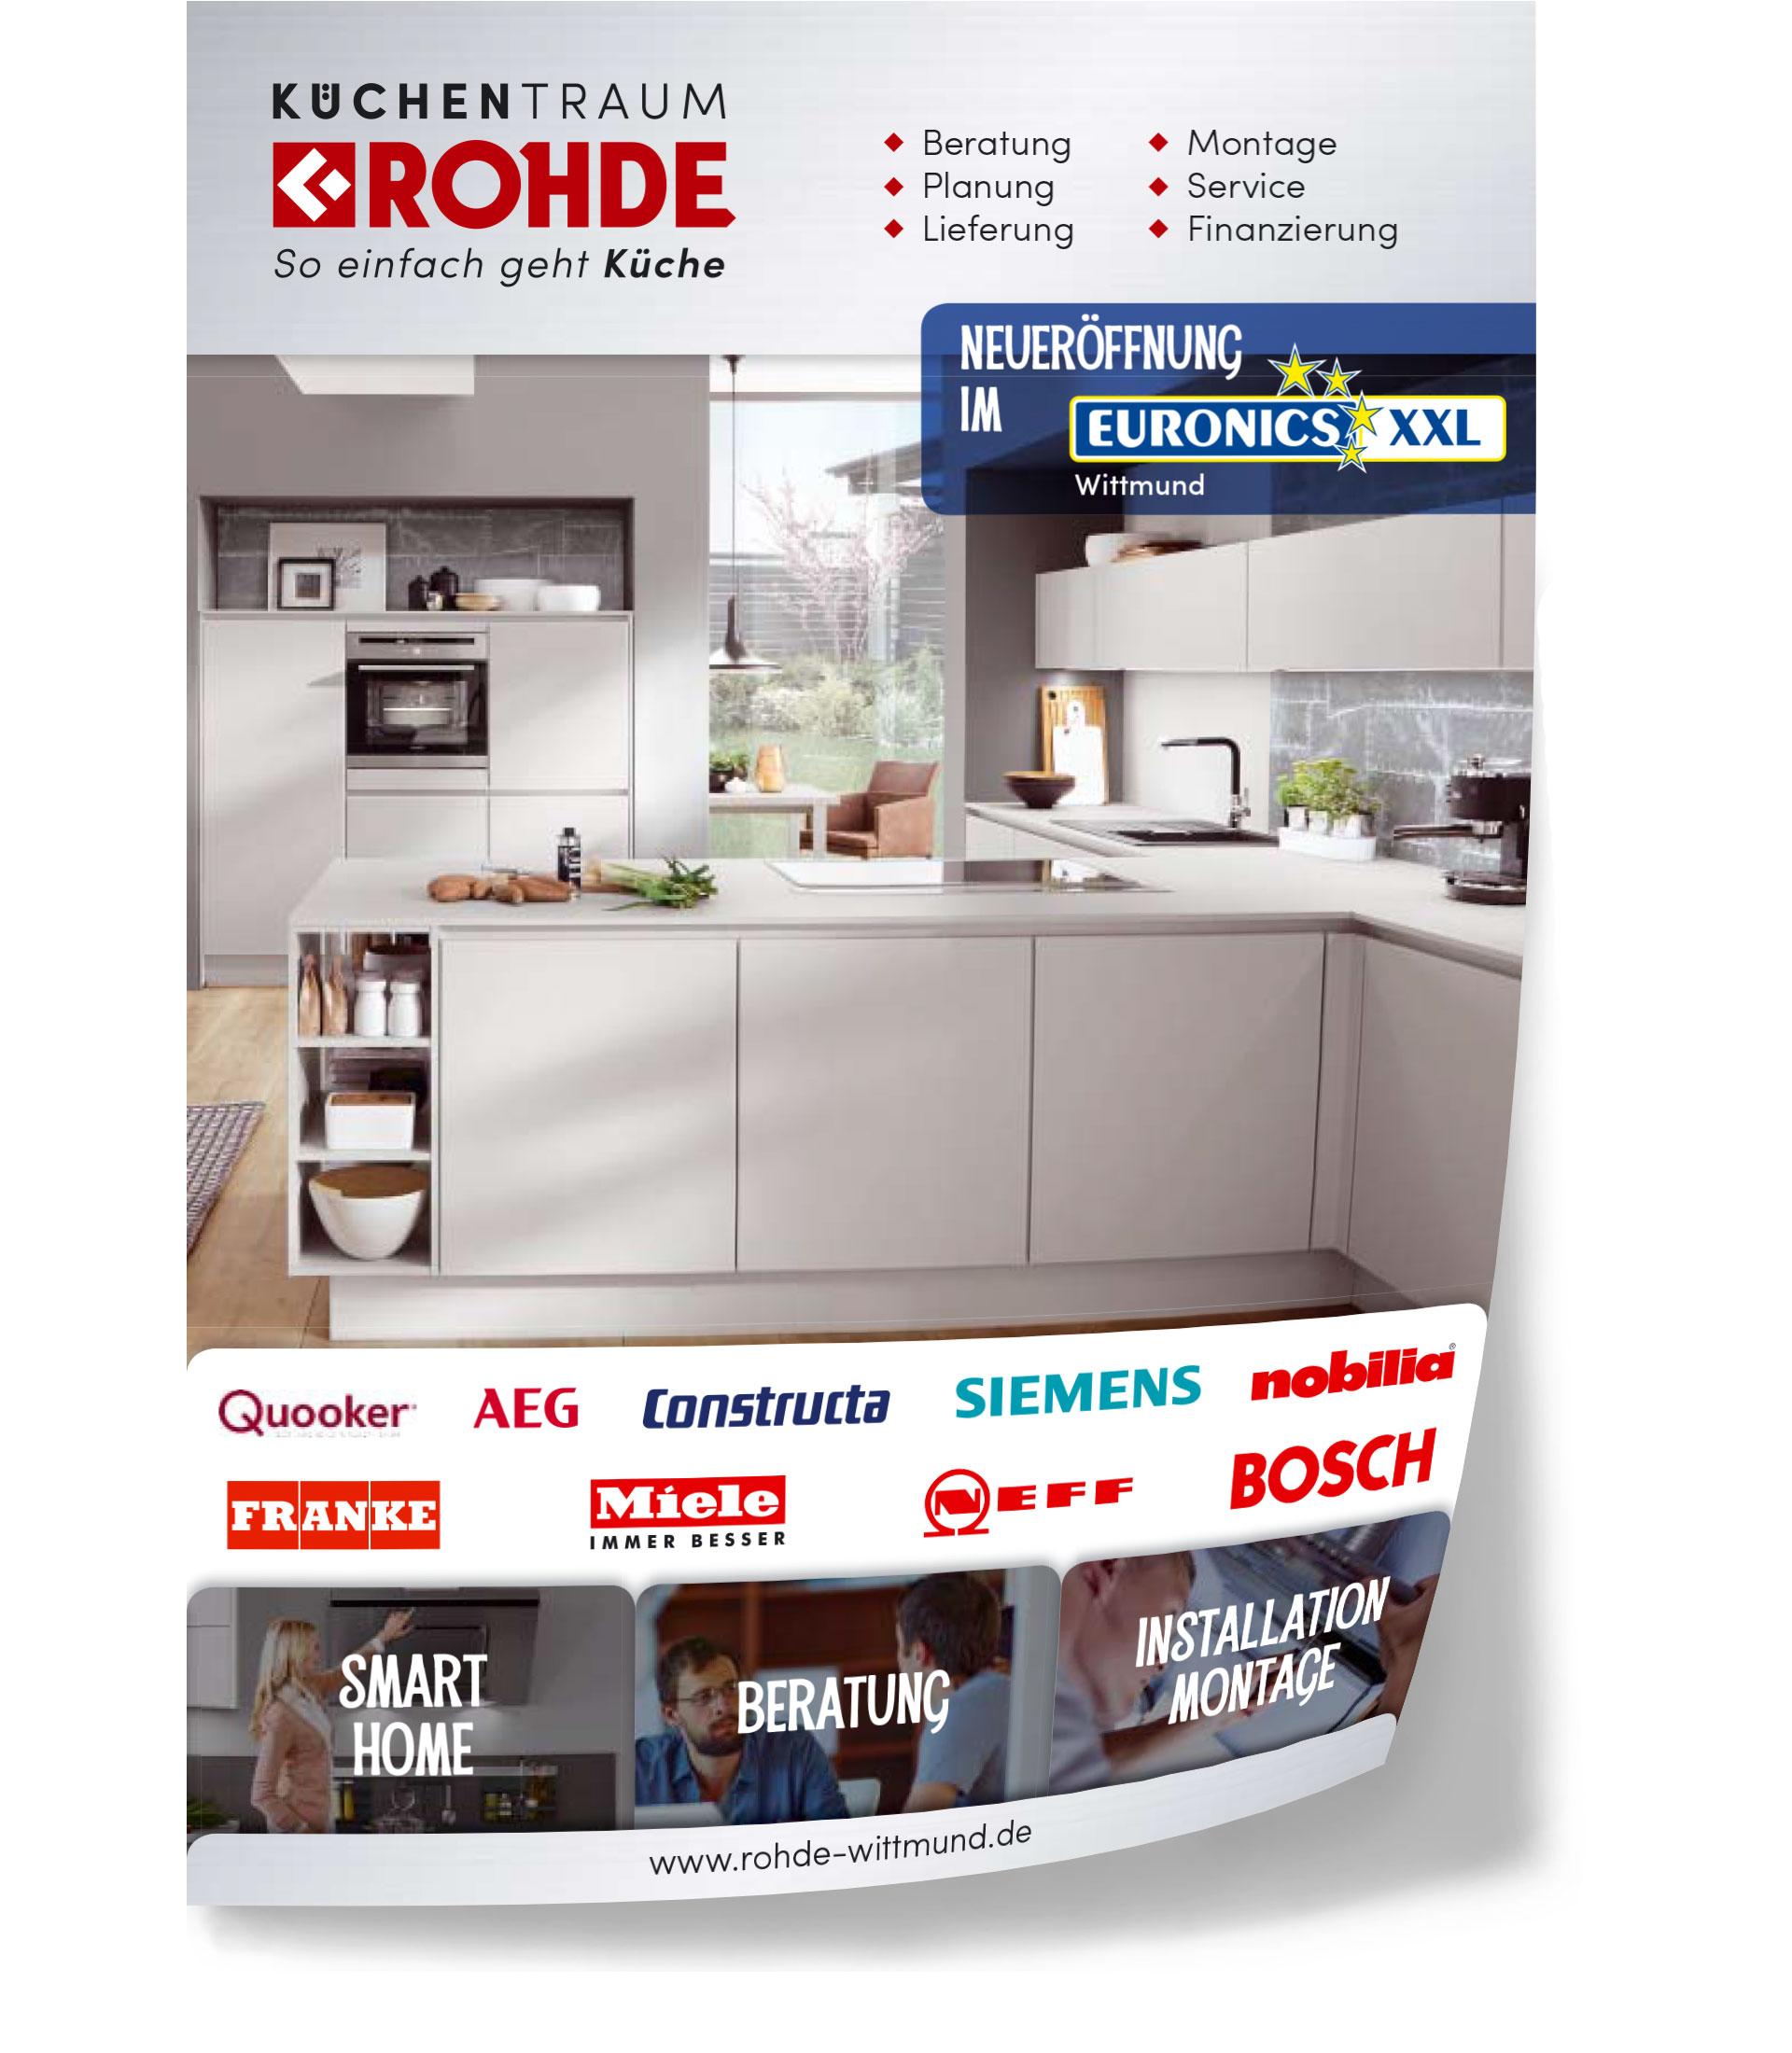 Aktuelles – Prospekt – Küchentraum Rohde in Wittmund